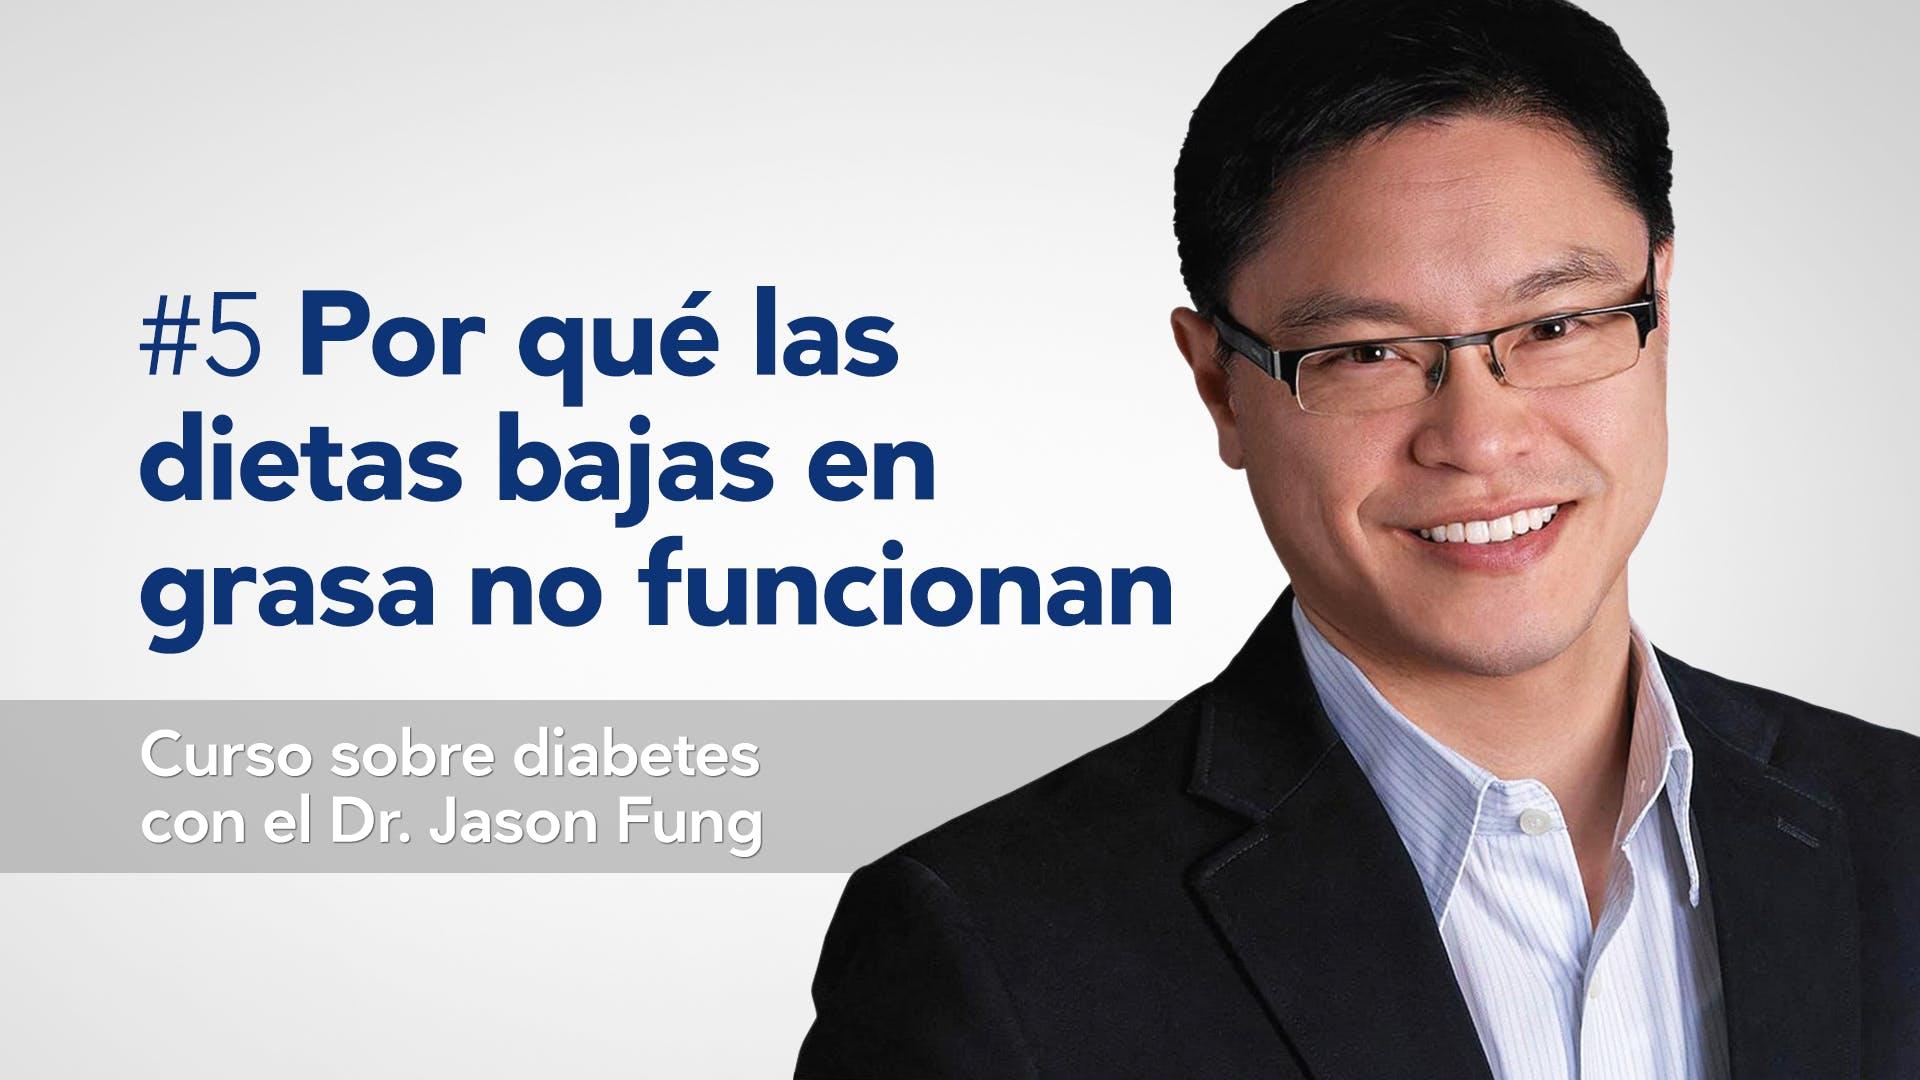 Curso sobre diabetes de tipo 2: Por qué las dietas bajas en grasa no funcionan